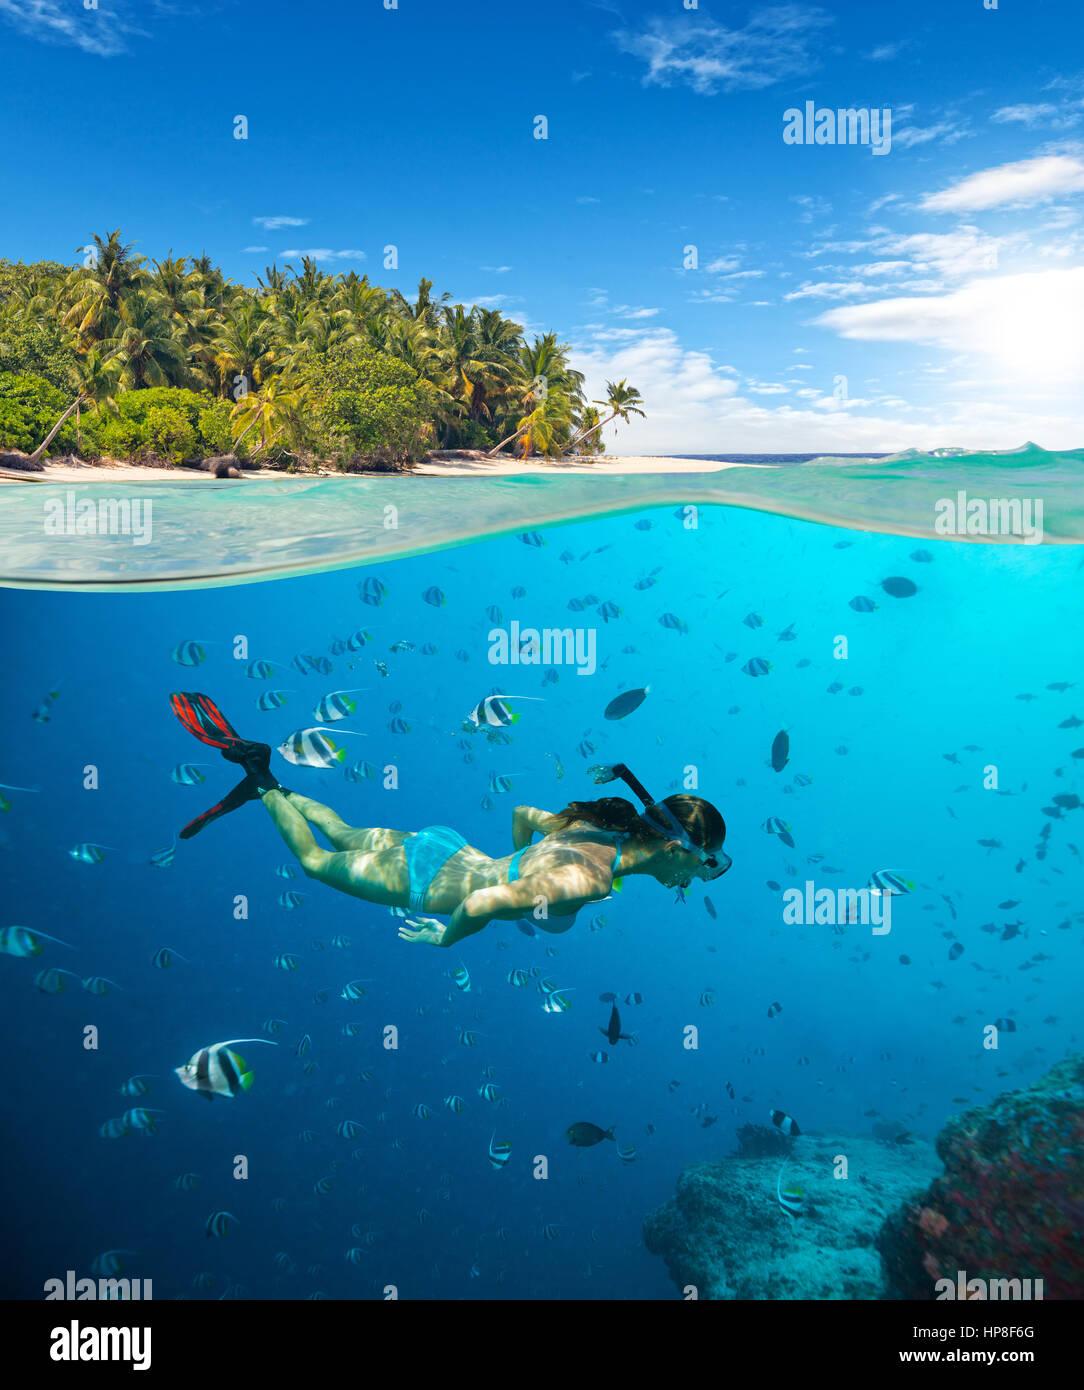 Junge Frau Schnorcheln am tropischen Strand. Unterwasser-Sport und ...